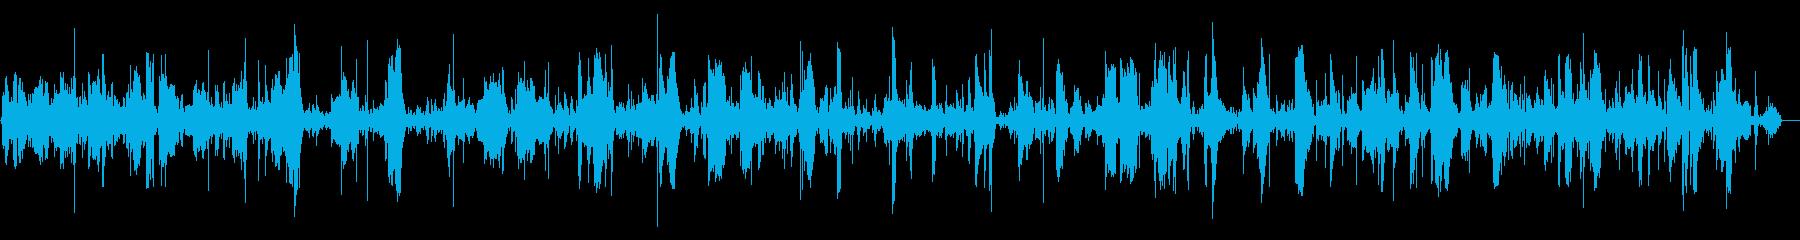 プクプクという激しい泡の音の再生済みの波形